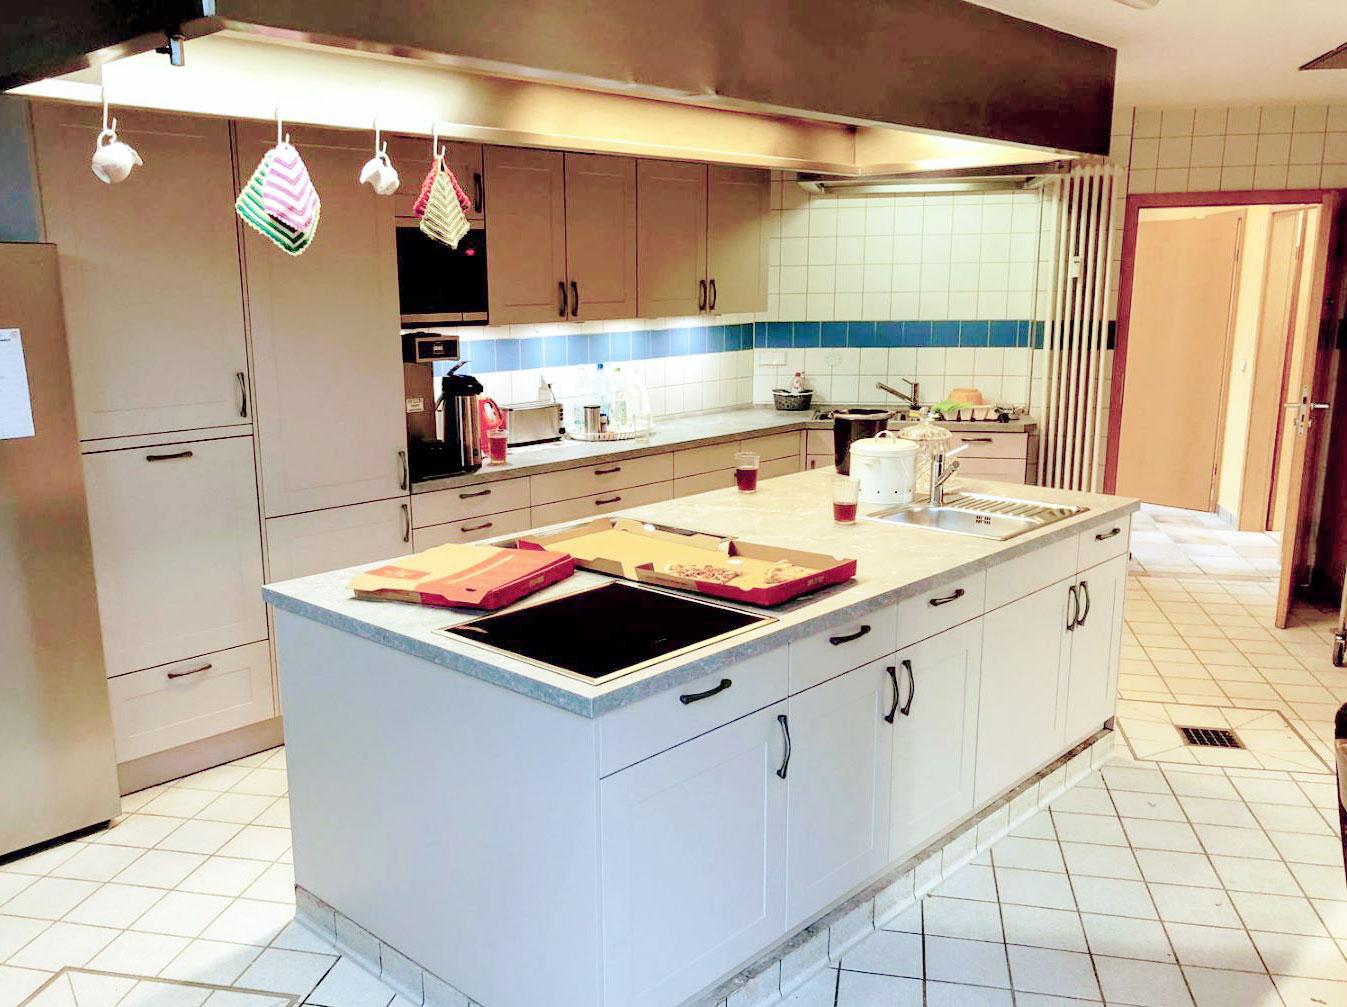 Komplett neue Küche mit Kochinsel